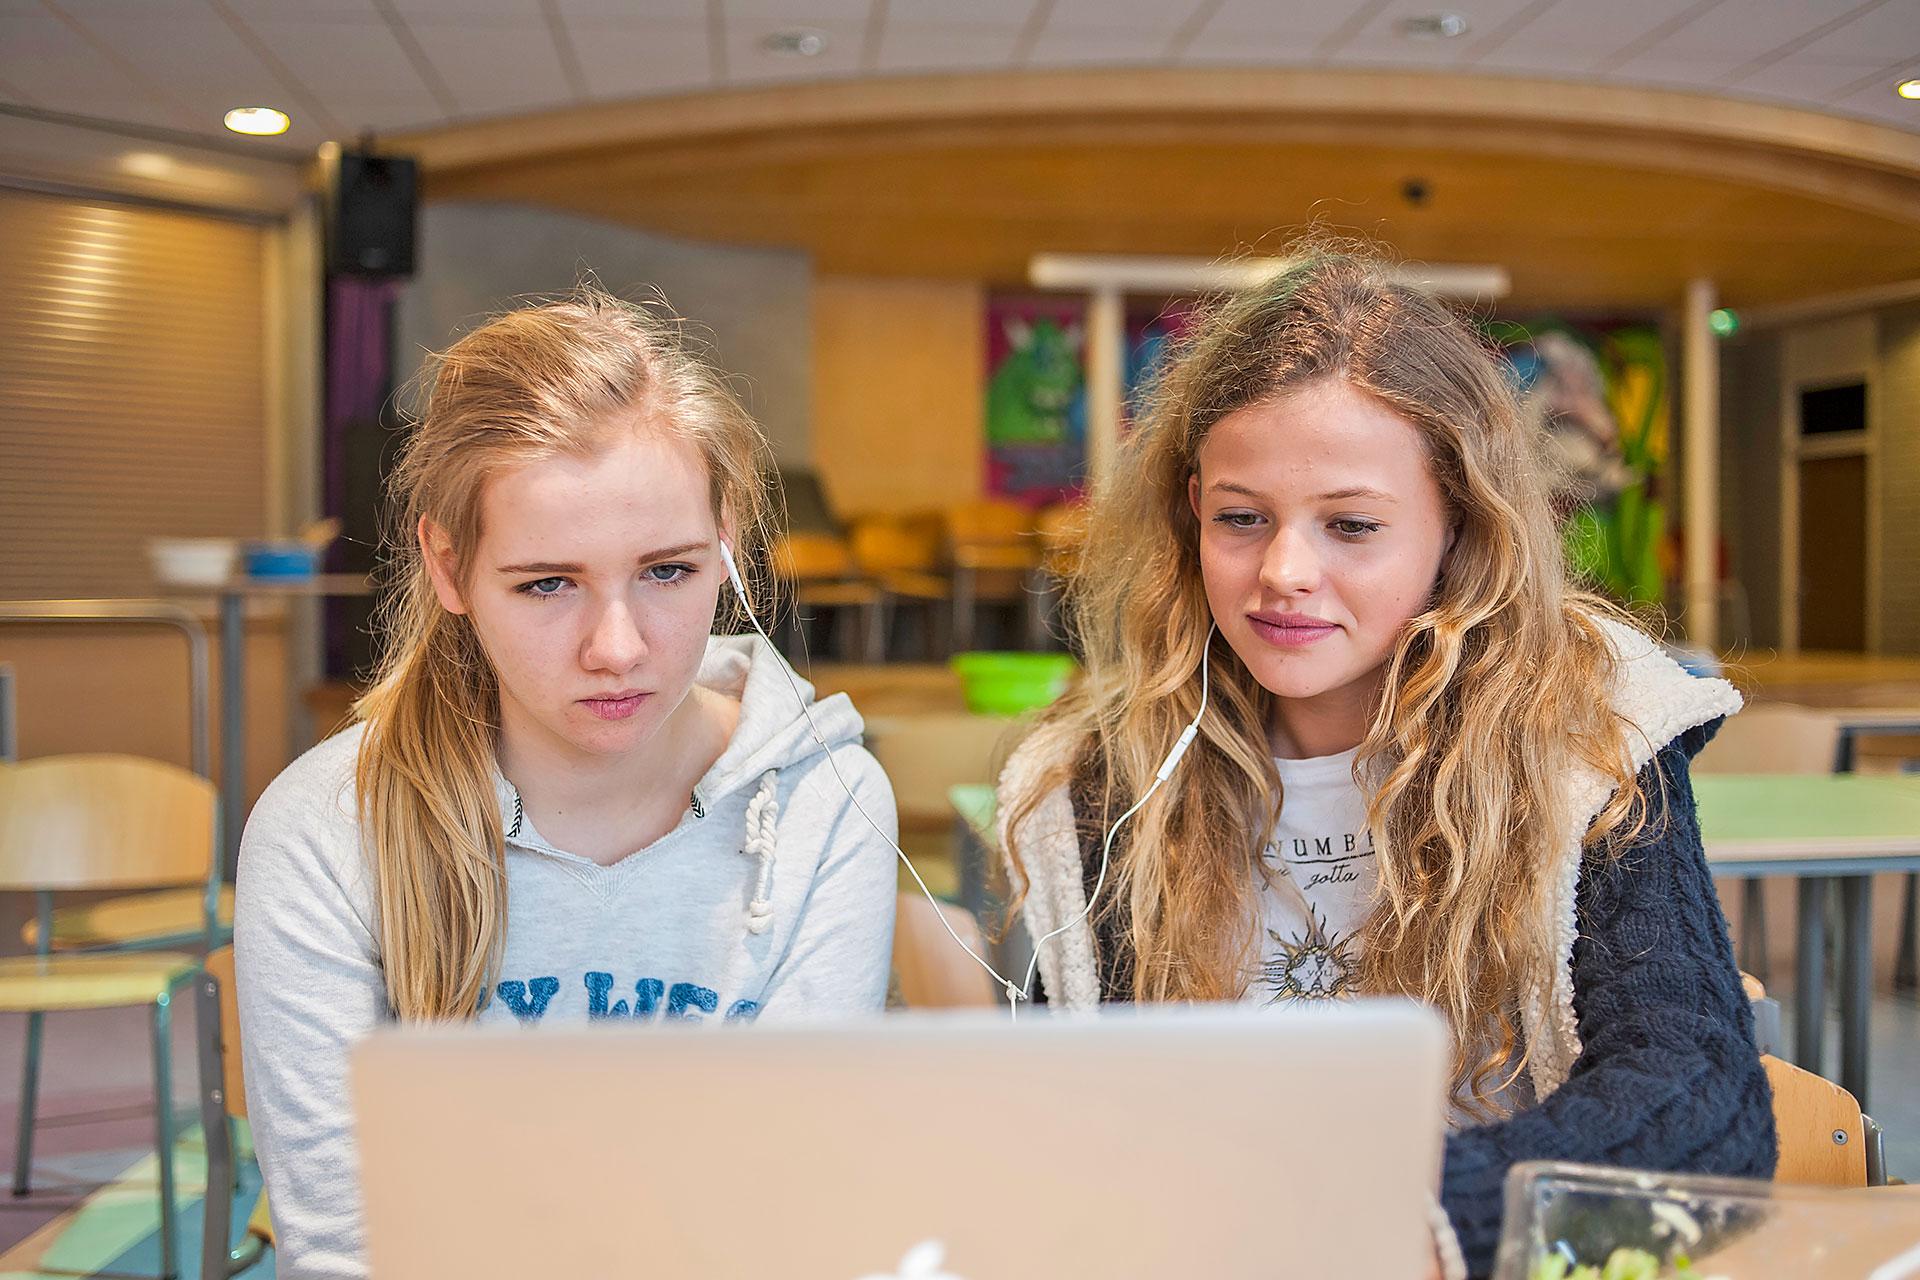 zwei Schülerinnen sitzen vor einem Laptop und teilen die Kopfhörer